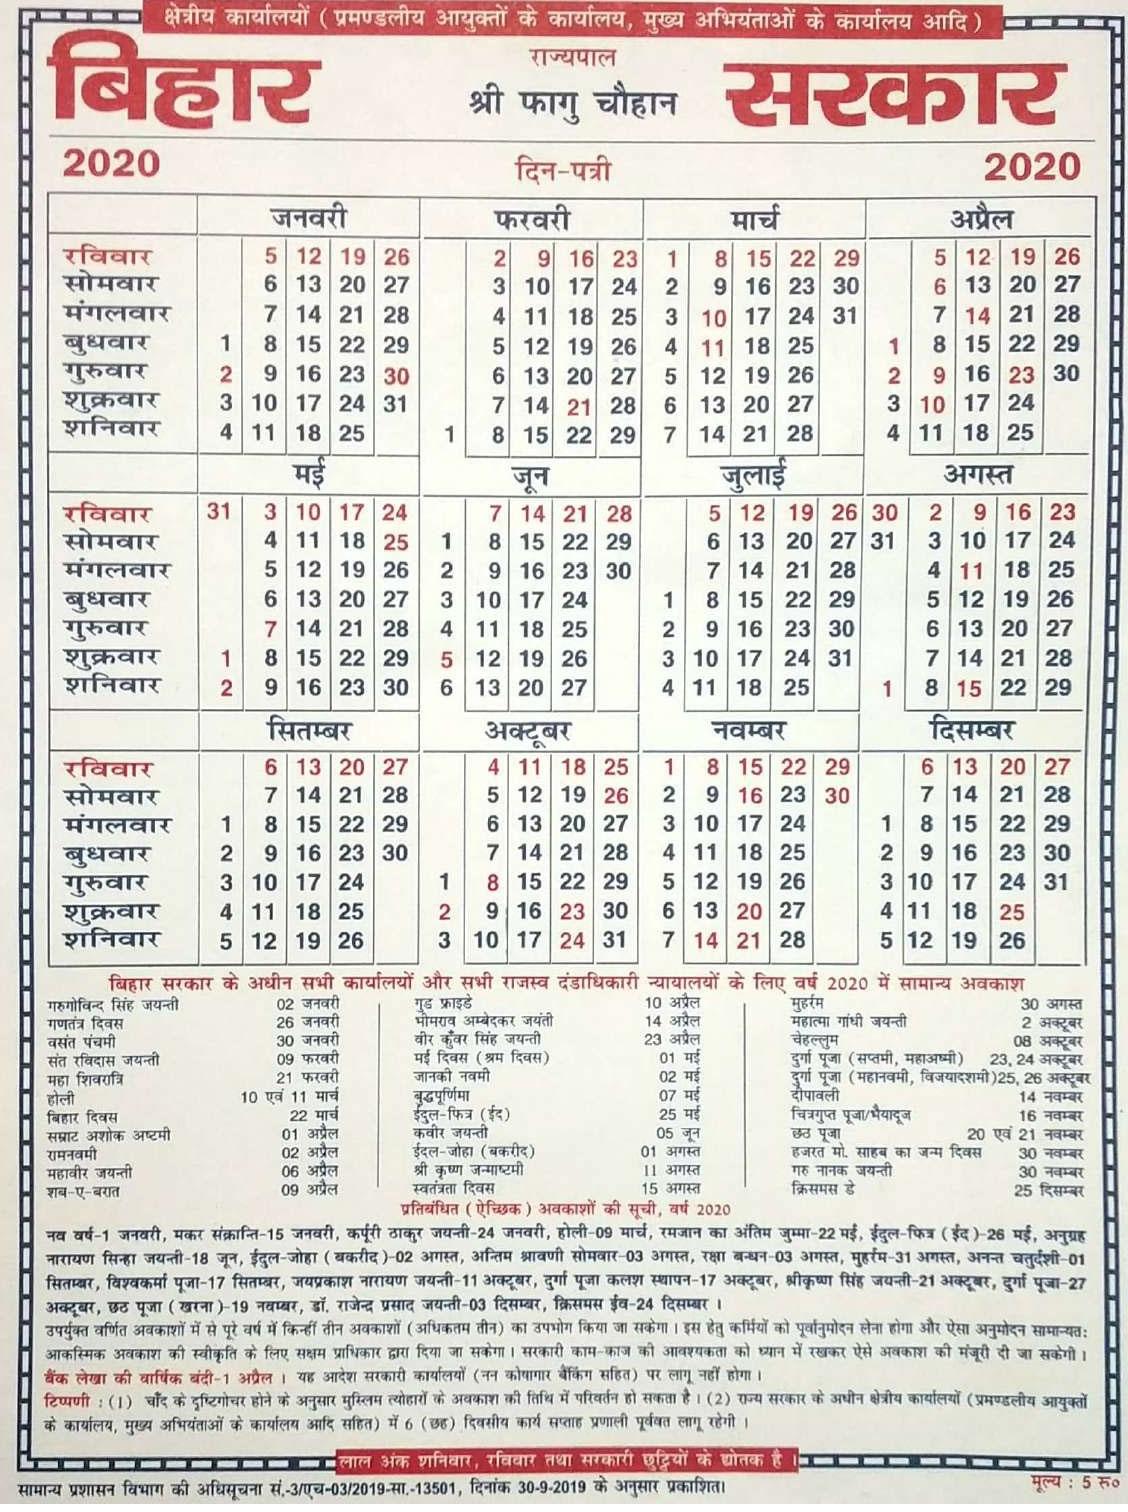 Bihar Sarkar Calendar 2021 Pdf | Seg Bihar Sarkar Calendar 2021